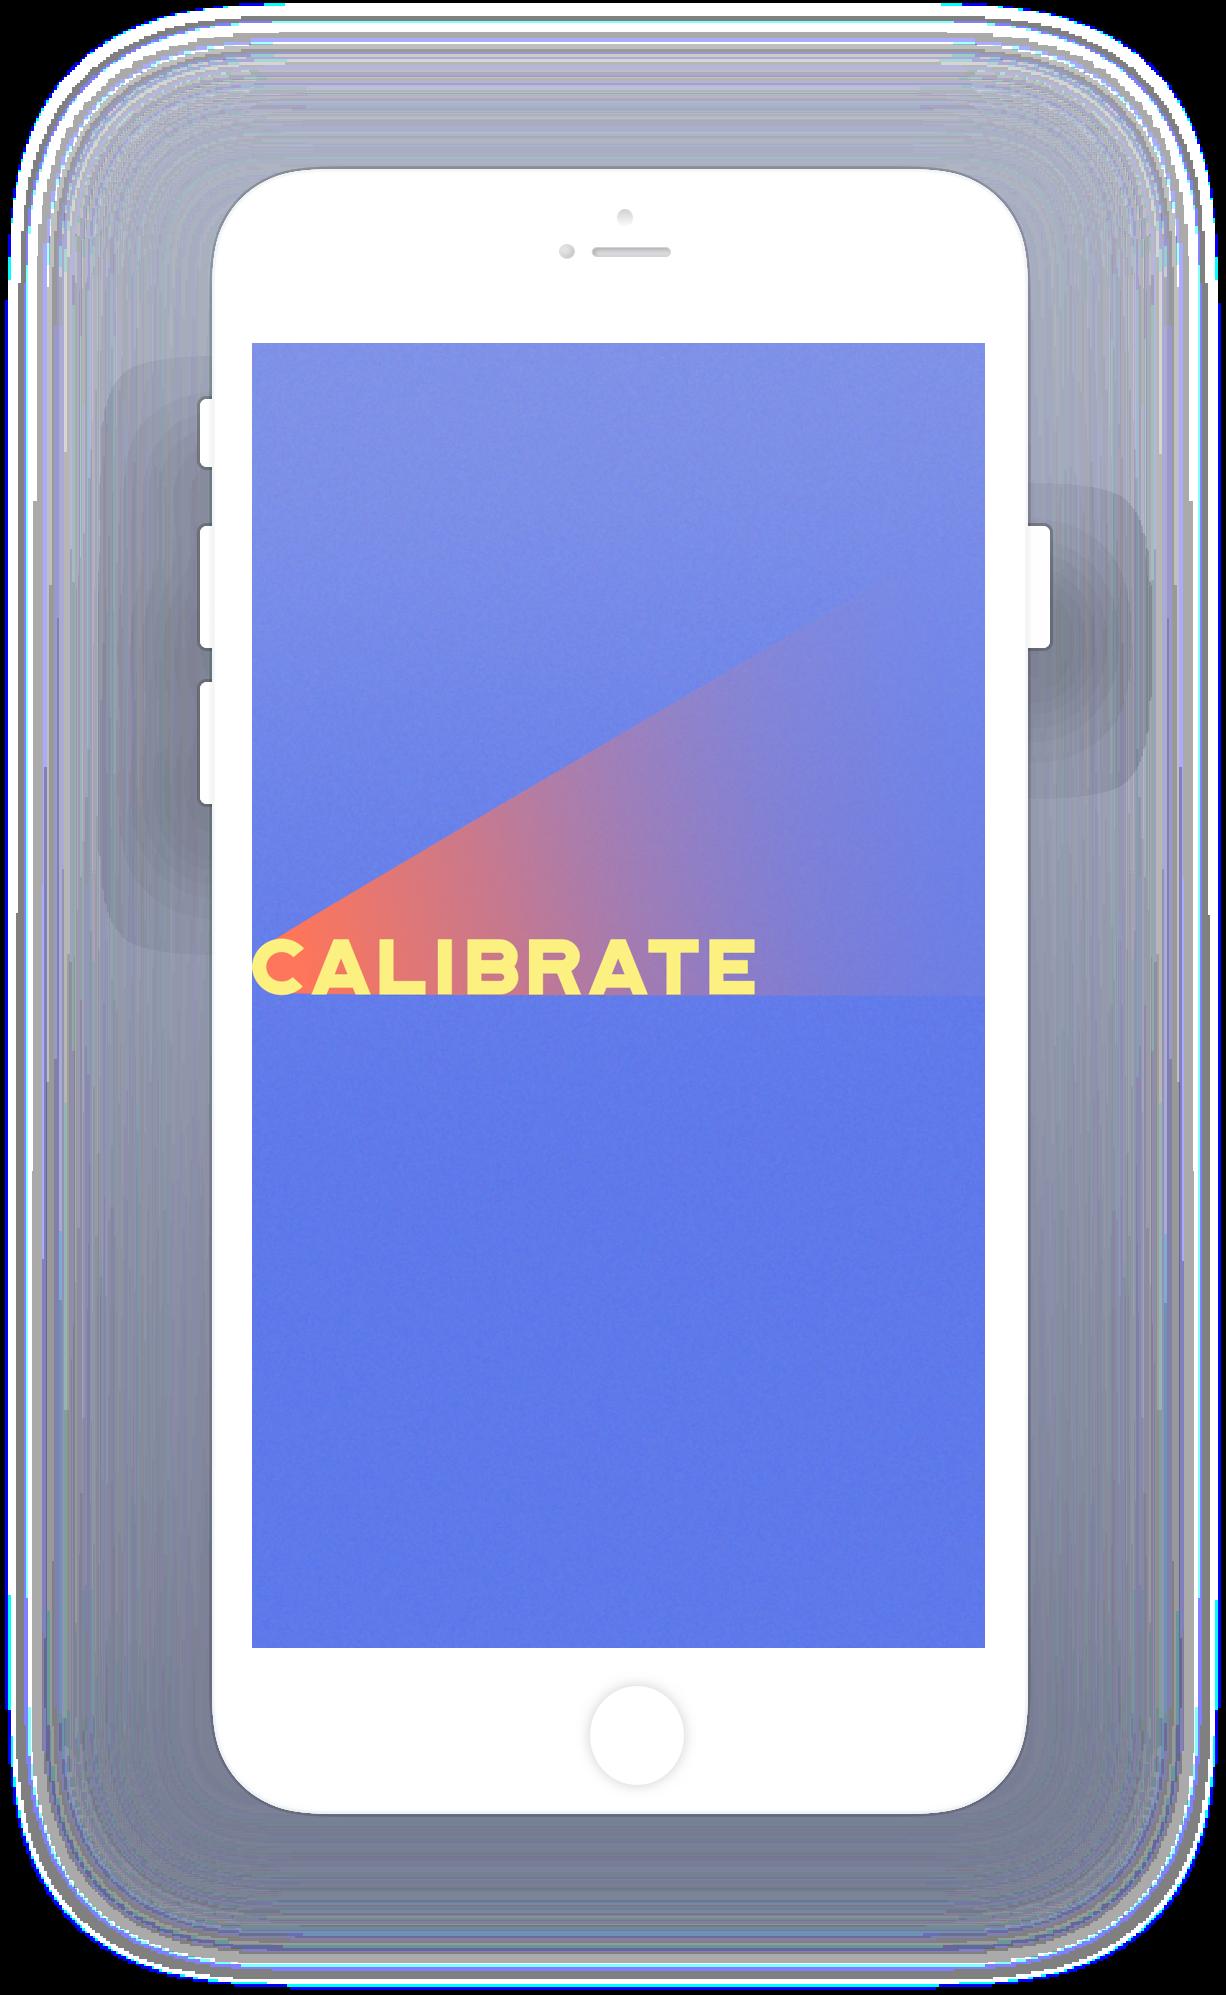 calibrate_phone.png